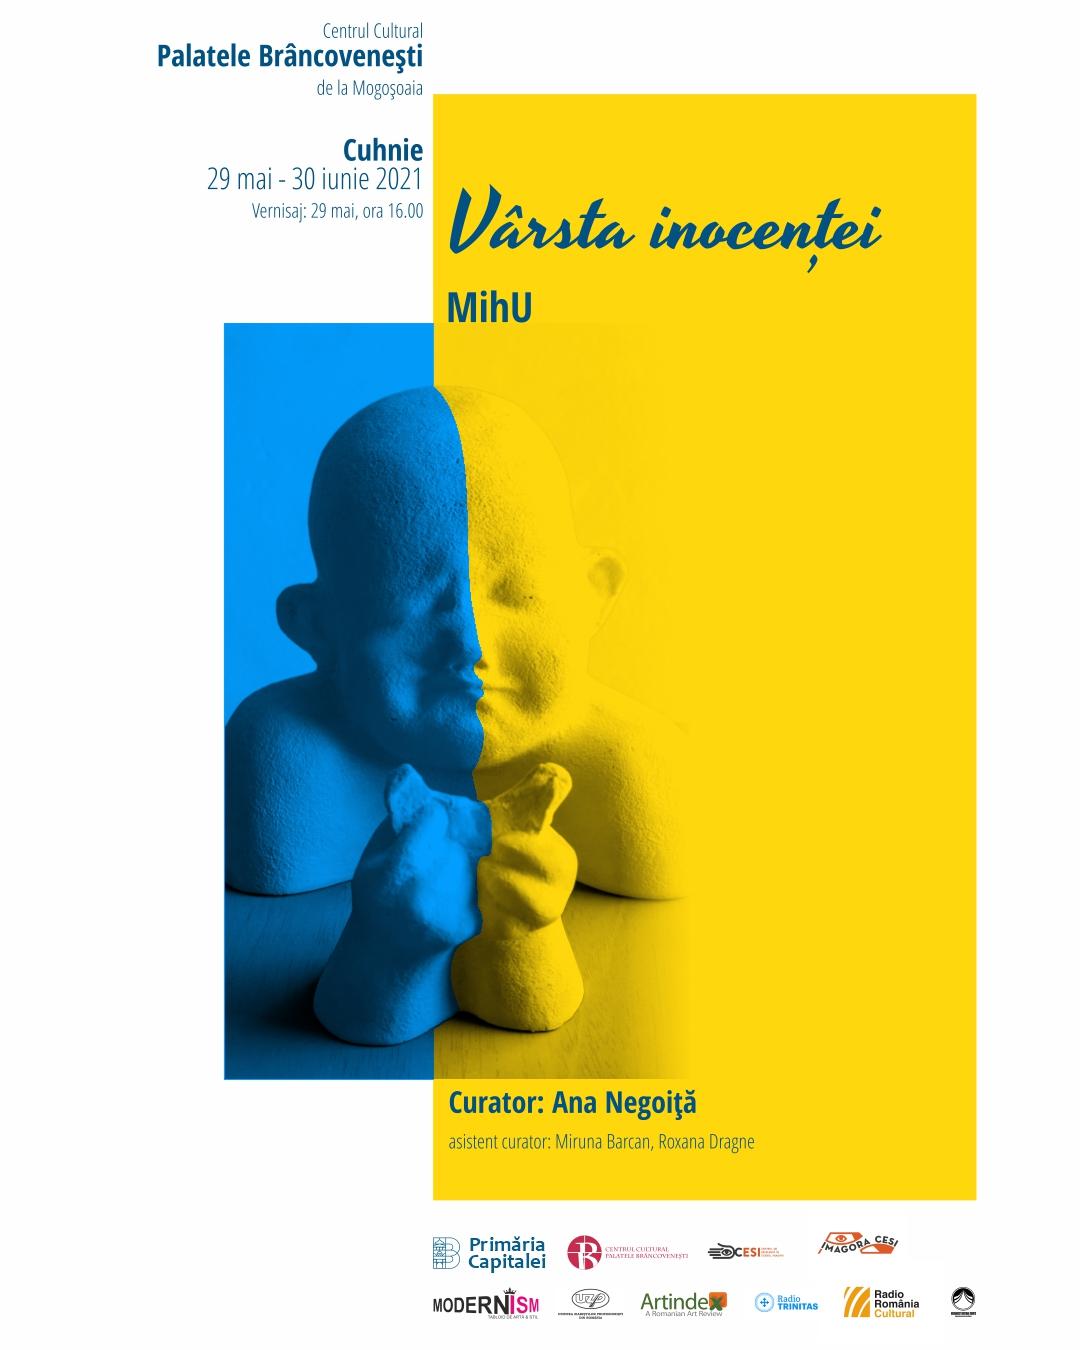 Vârsta inocenței – instagram photo 1080 x 1350 px, RGB, 100DPI